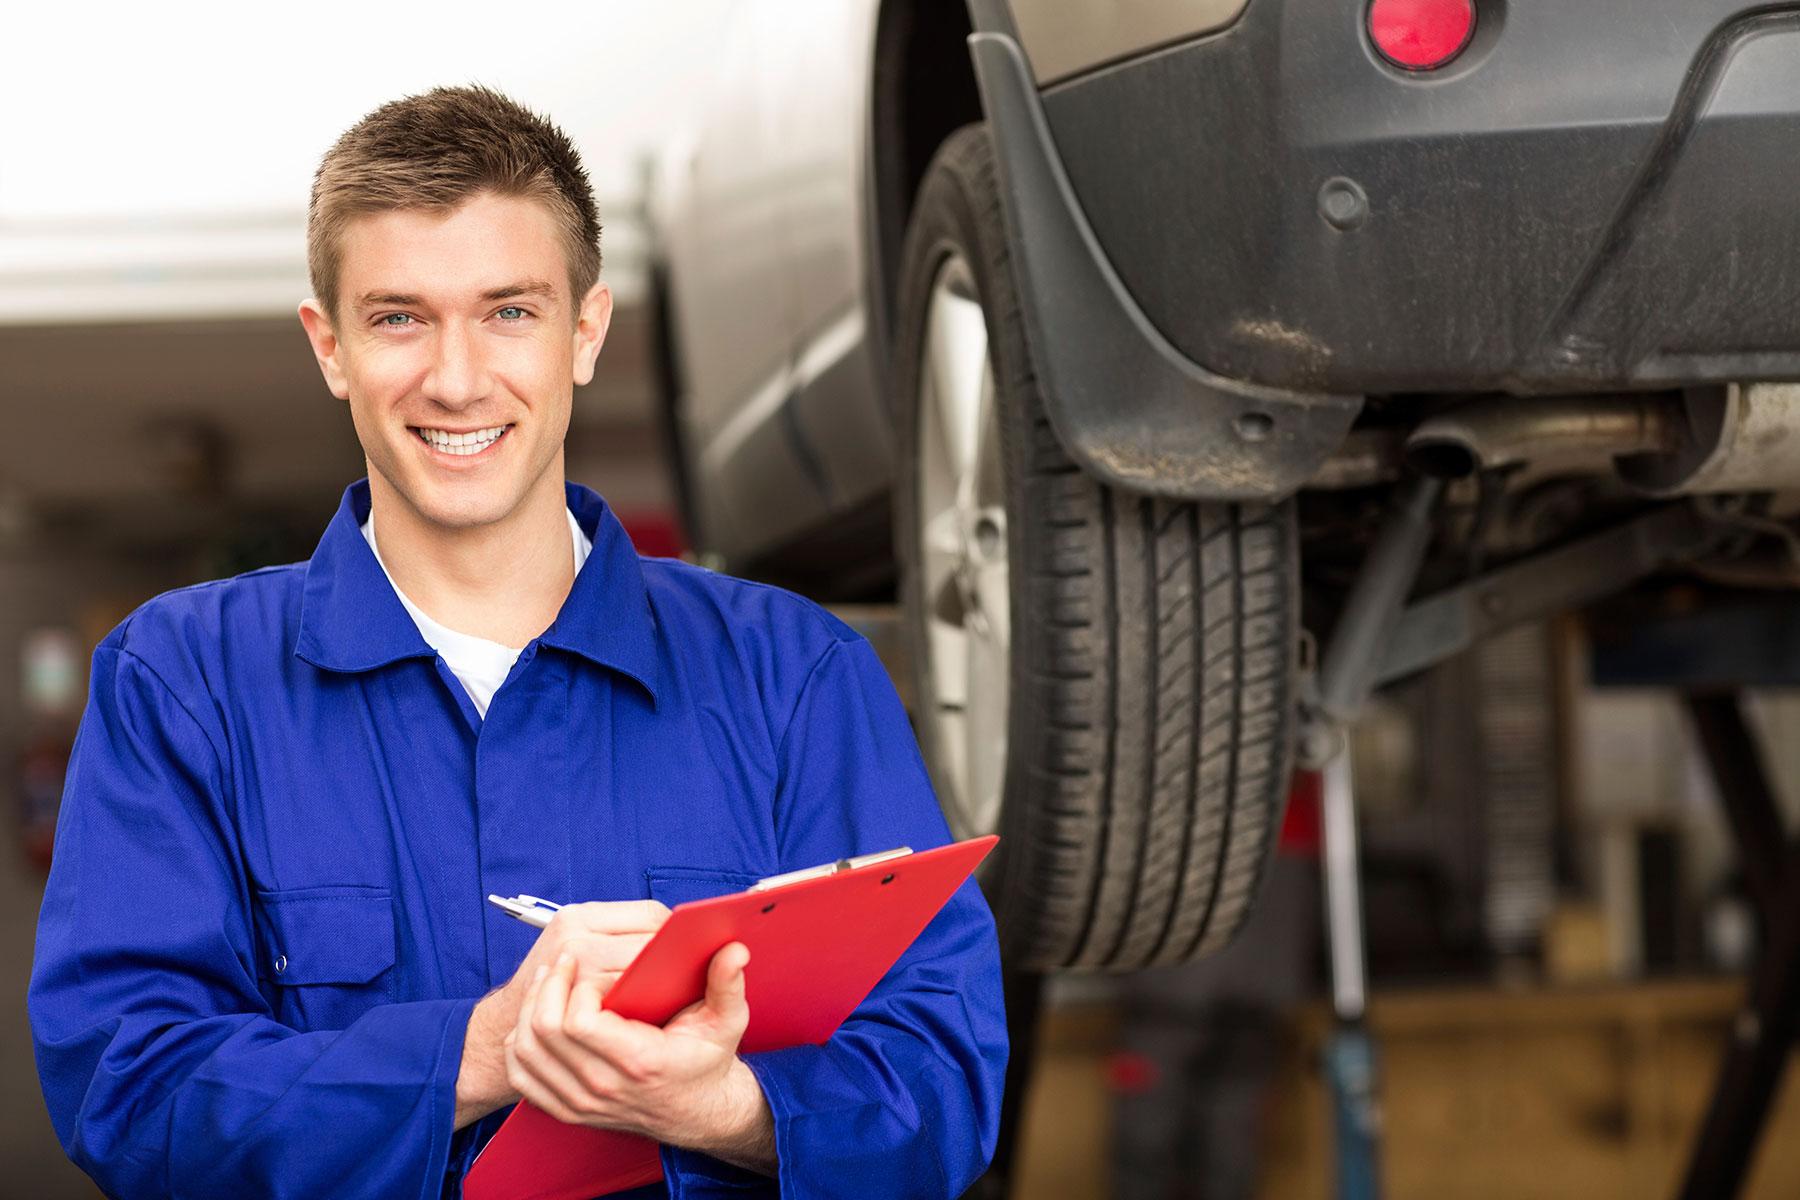 معاینه فنی خودرو , تجهیزات معاینه فنی ,تجهیزات تعمیرگاهی رادمن